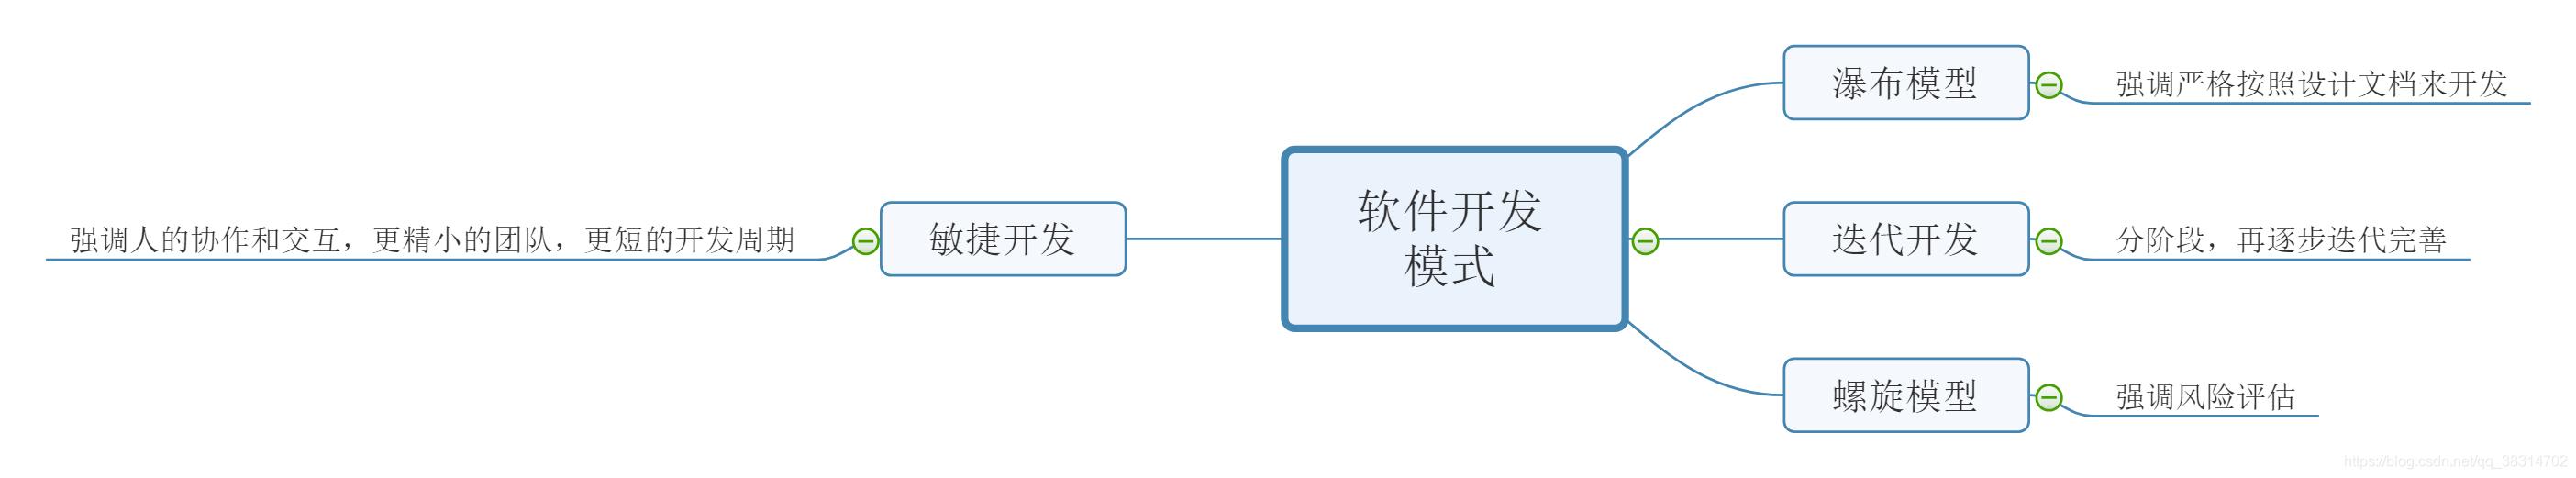 软件开发模式